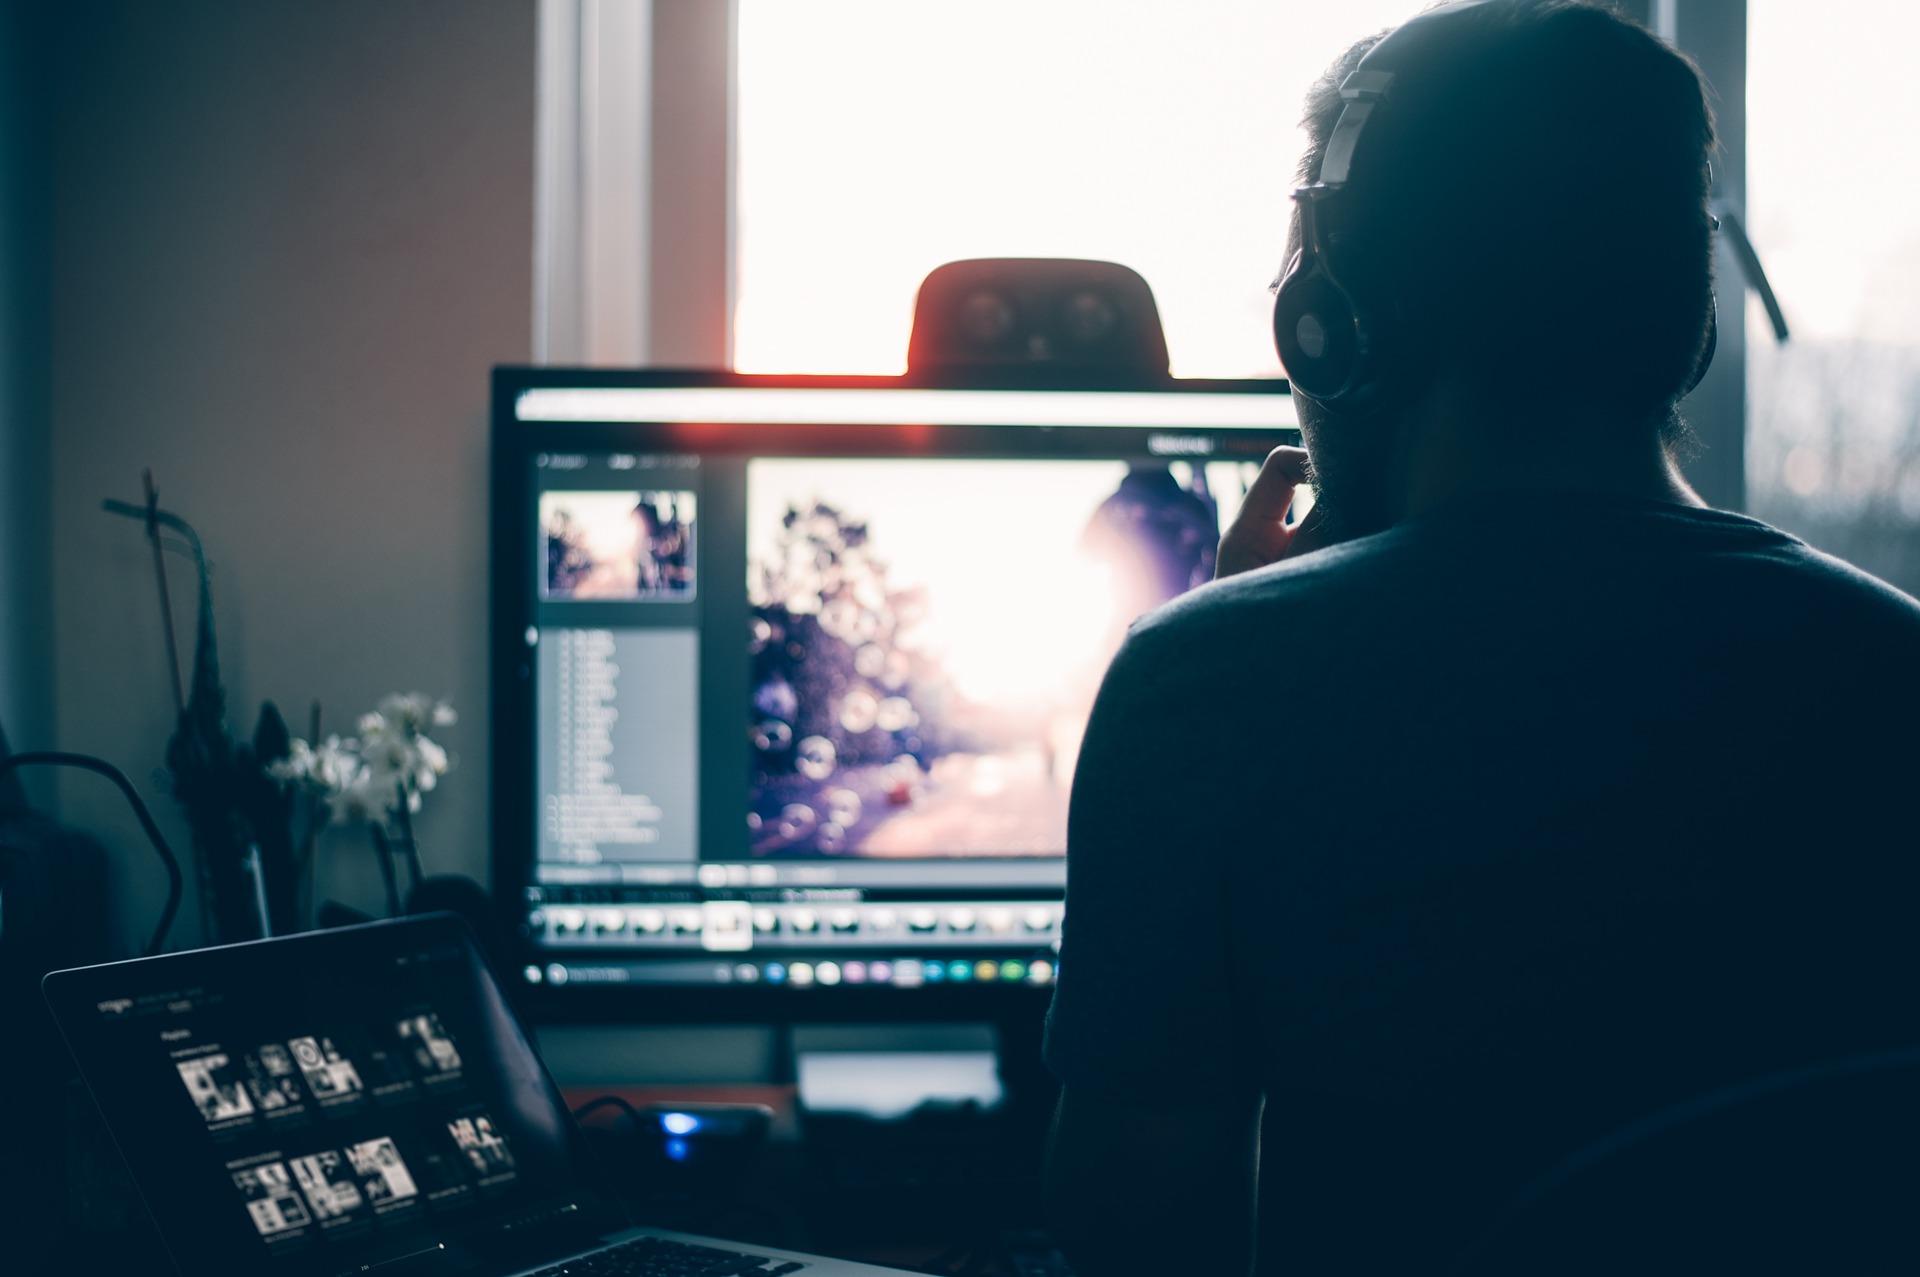 Videollamadas: ¿es abusiva la cláusula que obliga al trabajador a consentir la cesión de su imagen a la empresa?